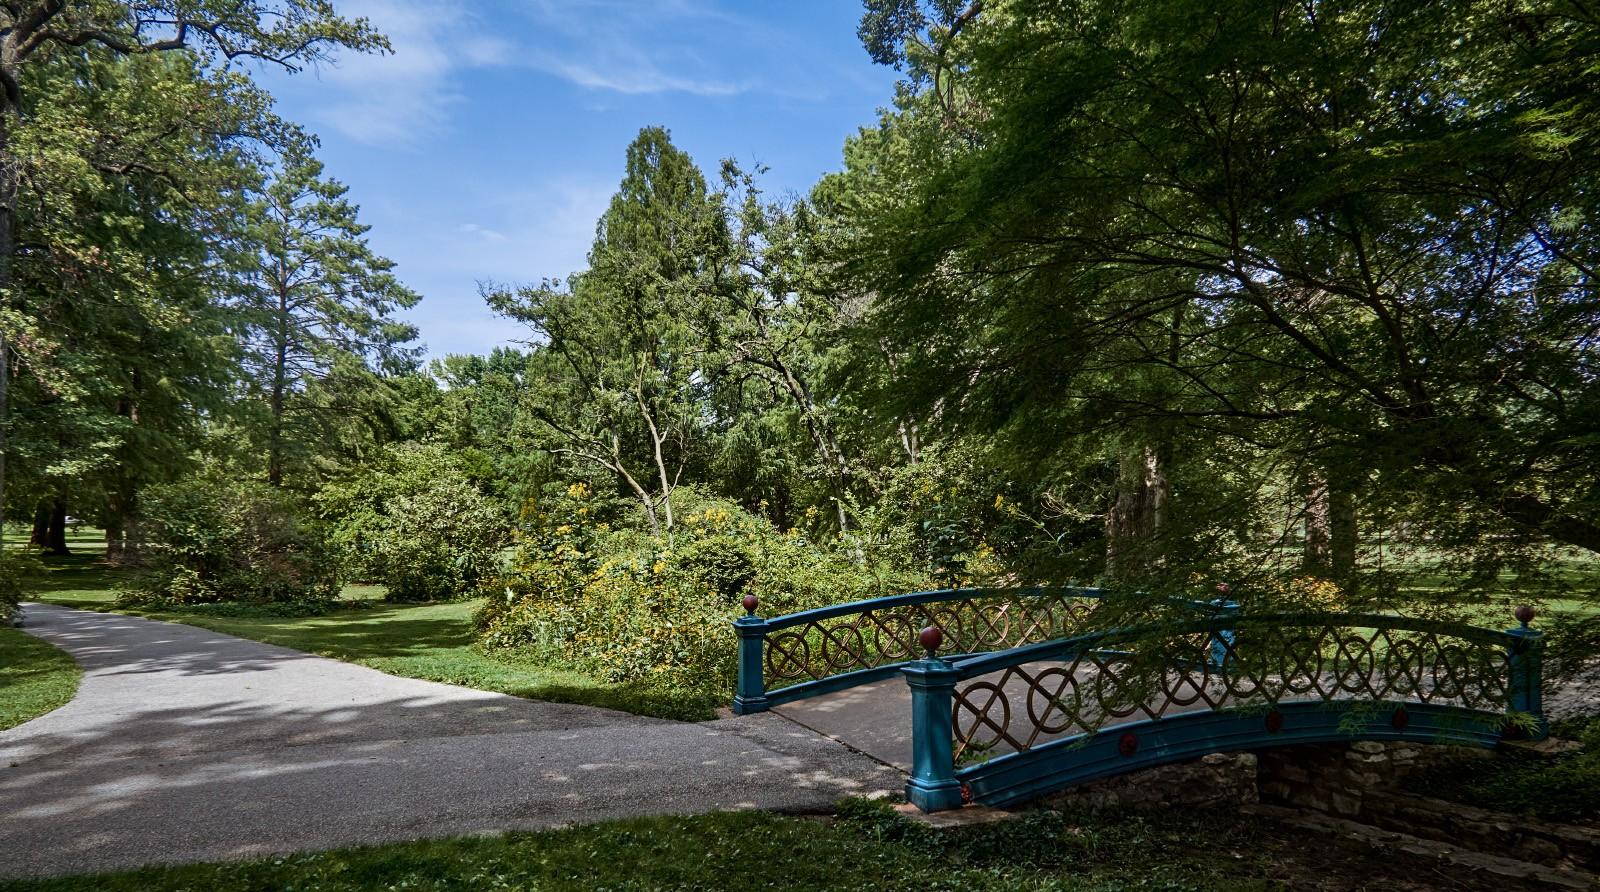 bridge-in-park.jpg